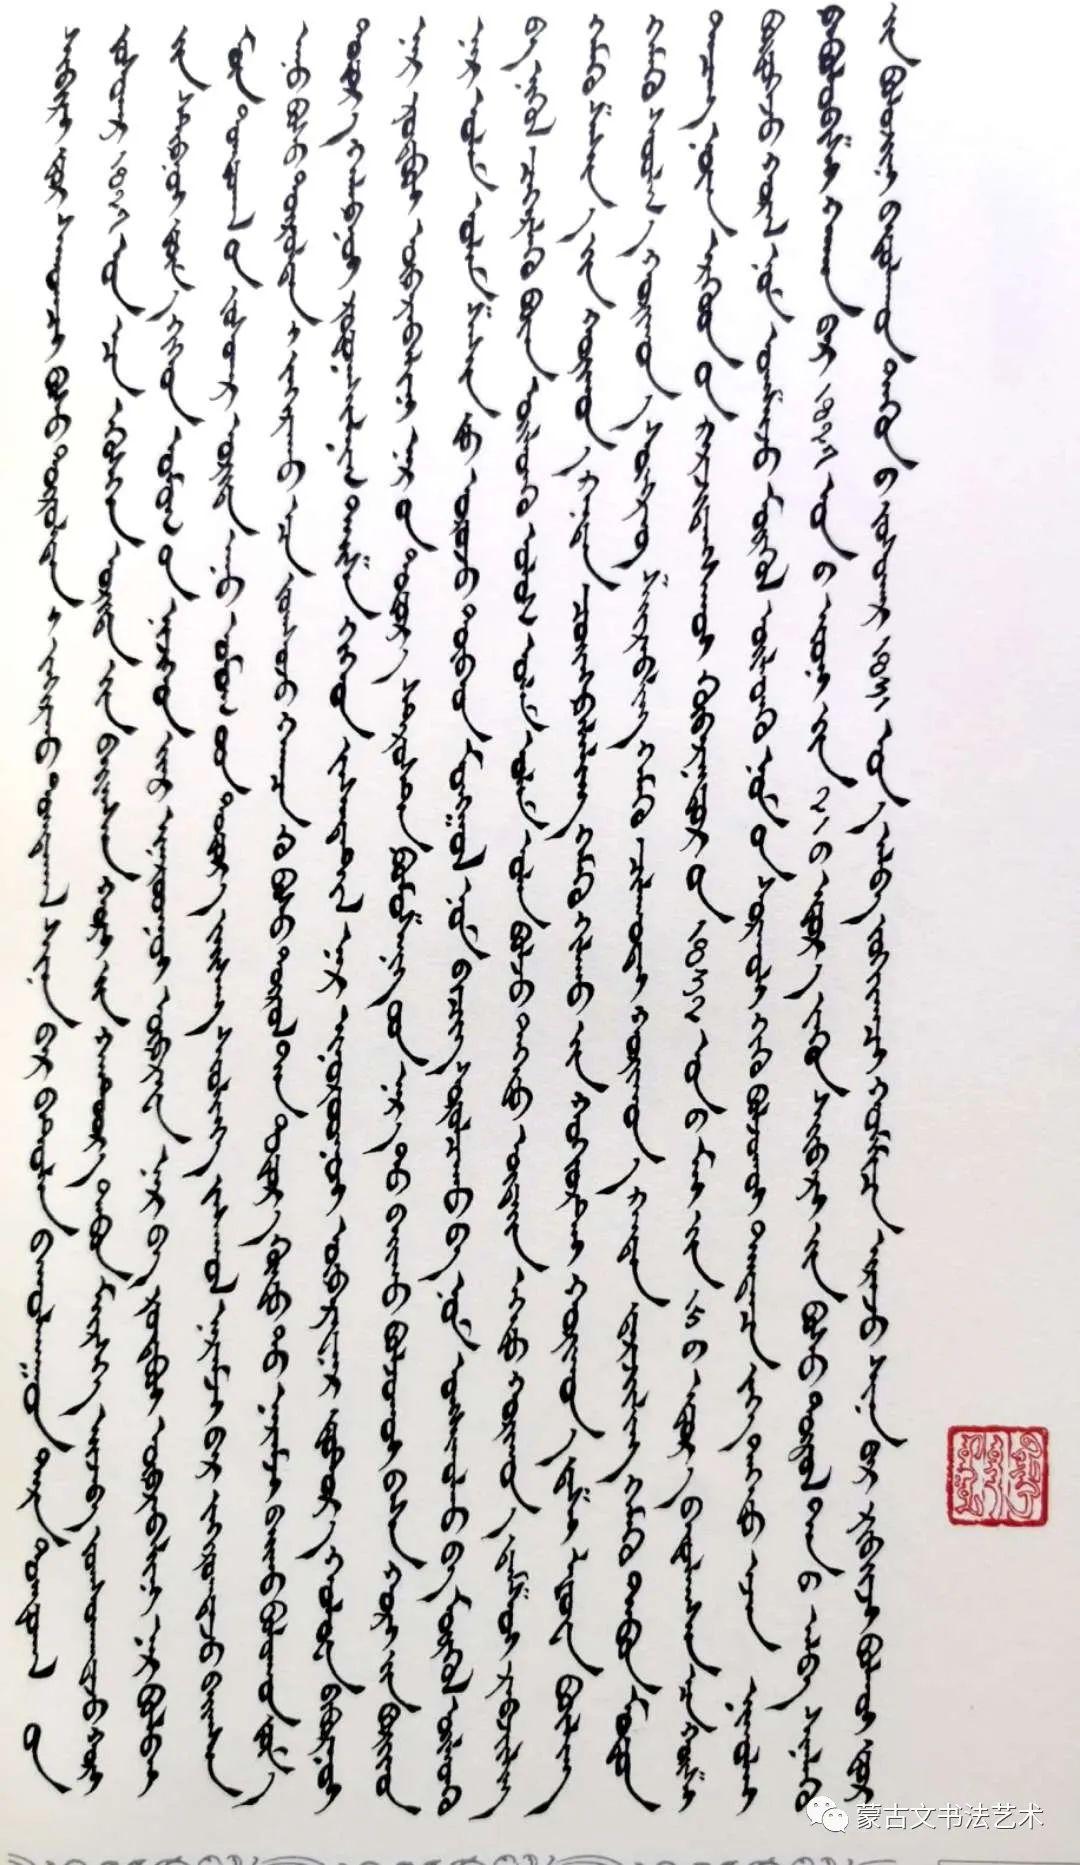 蒙古文经典文献当代书法名家手抄本之斯仁巴图《布里亚特史》 第7张 蒙古文经典文献当代书法名家手抄本之斯仁巴图《布里亚特史》 蒙古书法